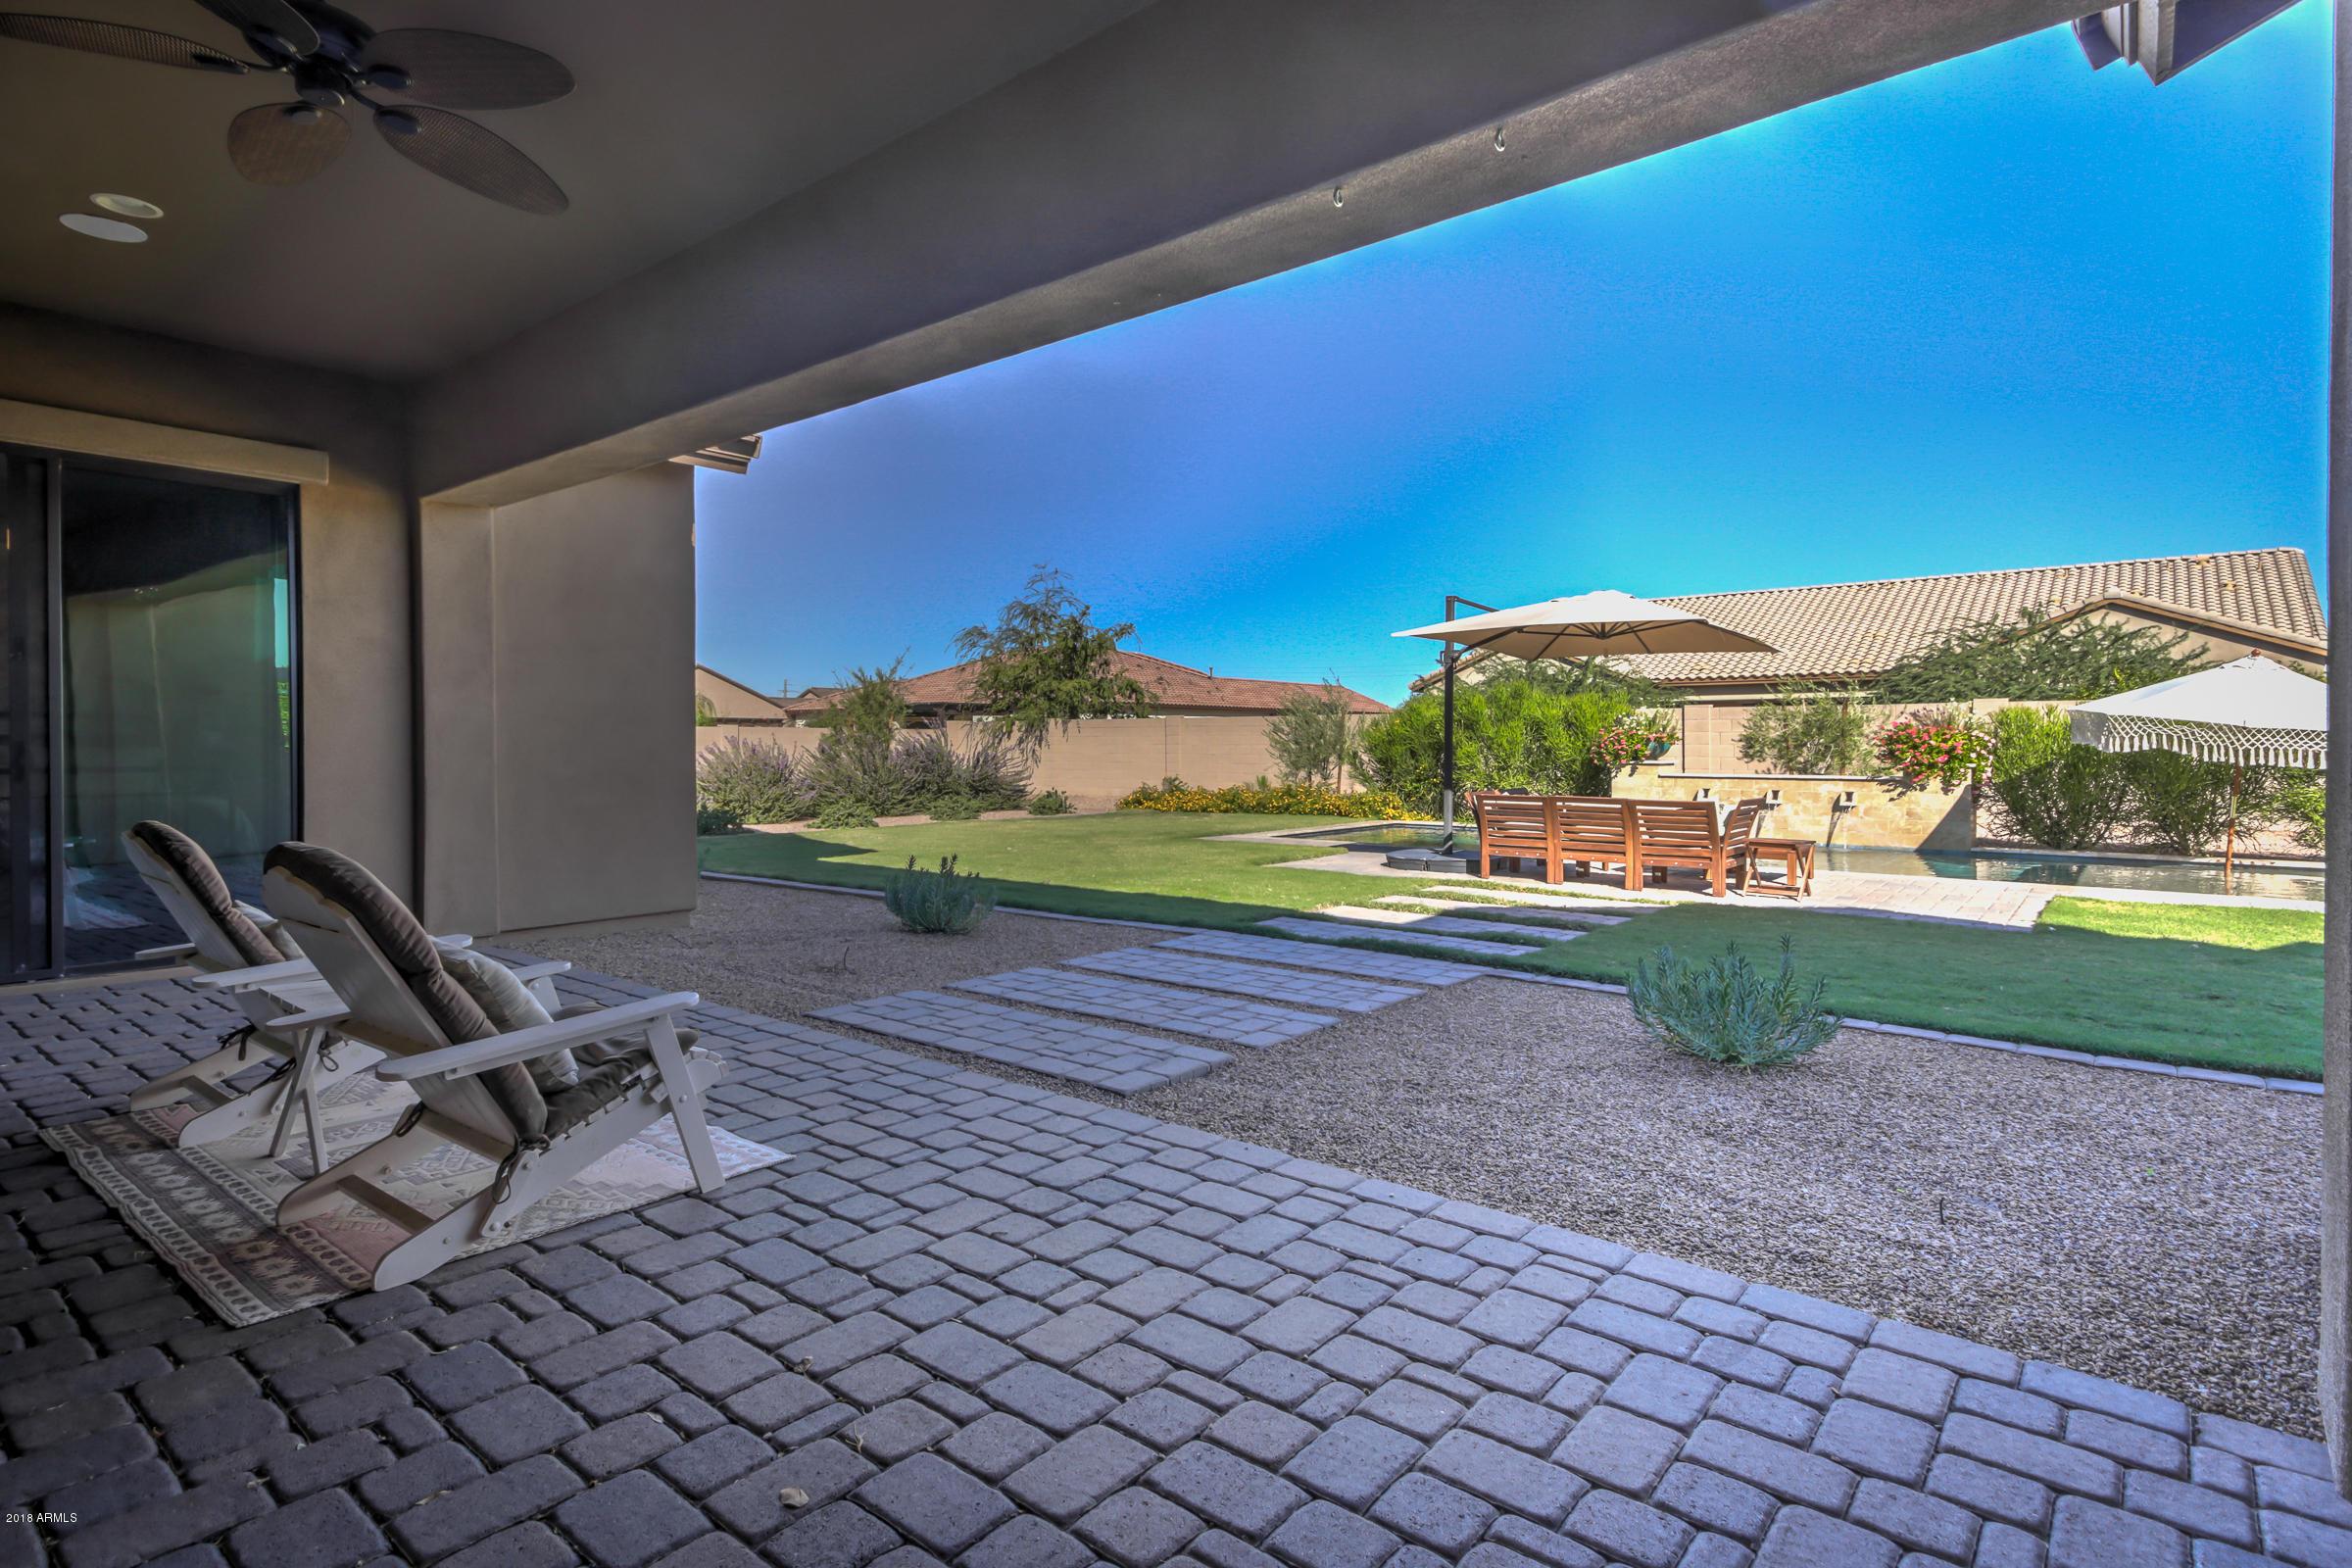 MLS 5836110 17732 E Bronco Court, Queen Creek, AZ 85142 Queen Creek AZ Newly Built